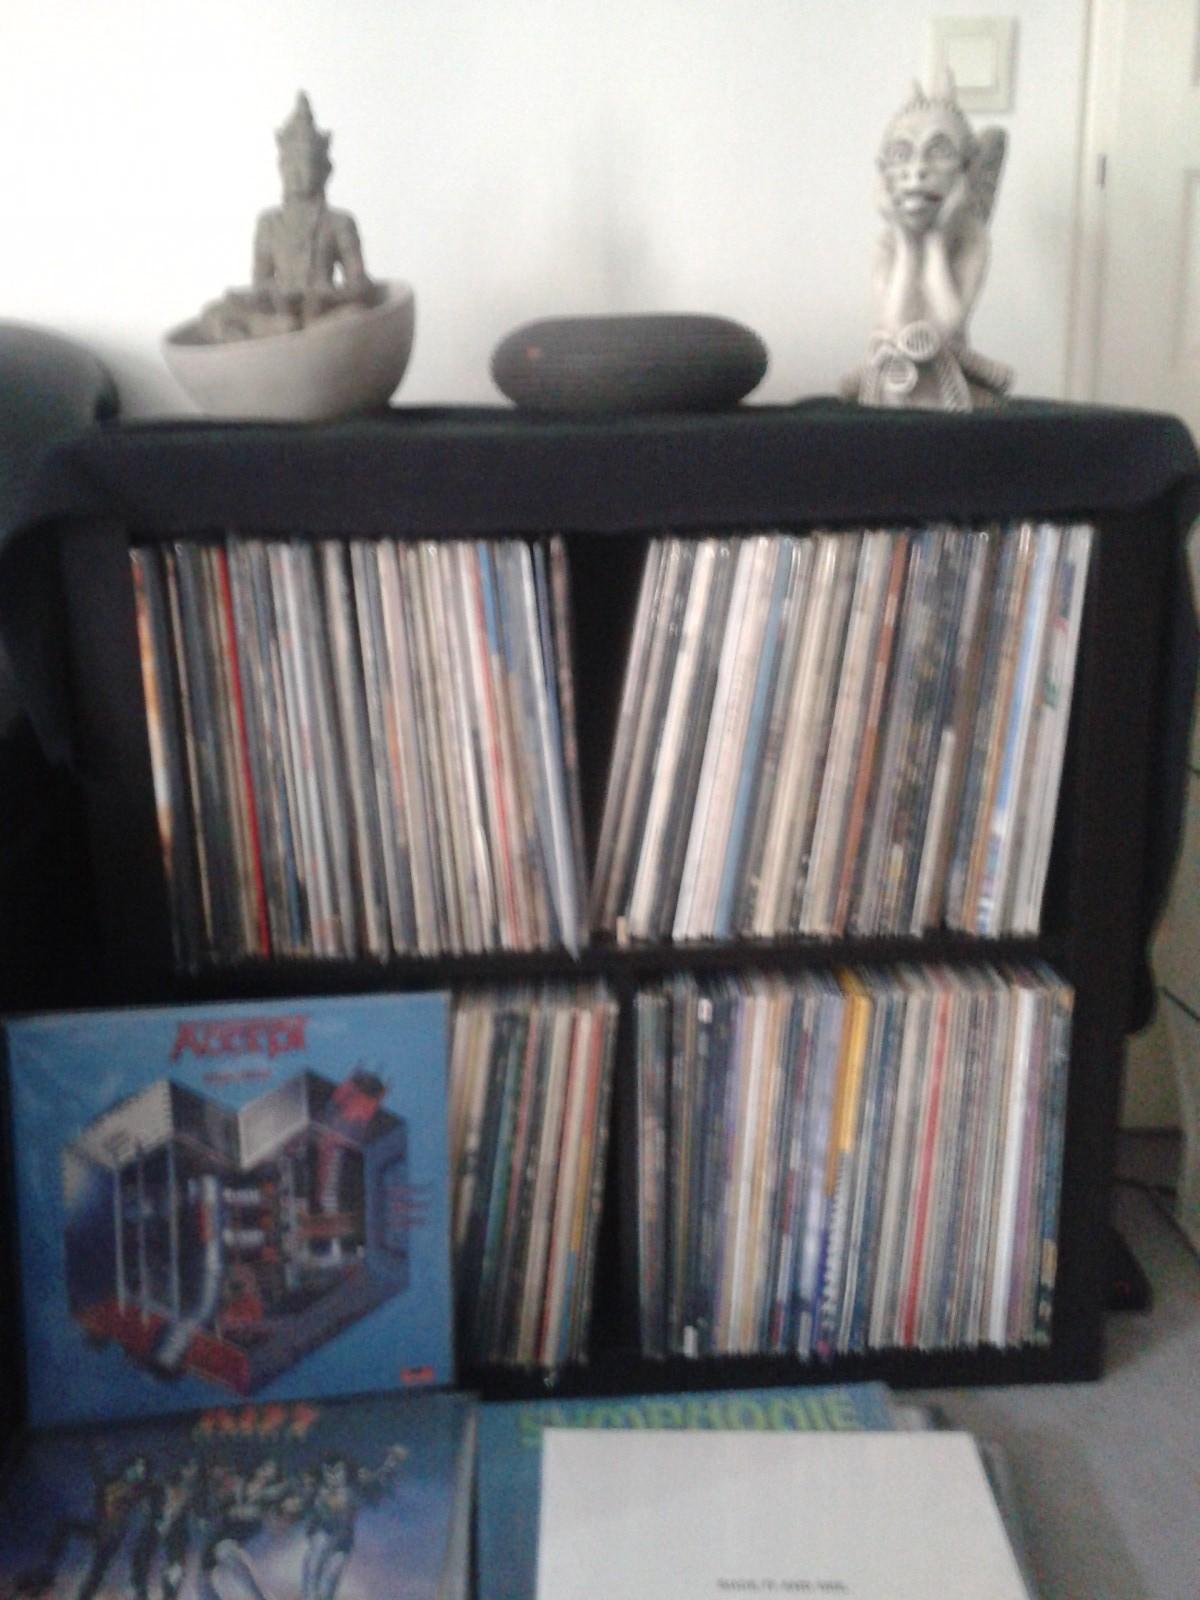 rangement et nettoyage articles vinyle rangement et nettoyage vinyle actu. Black Bedroom Furniture Sets. Home Design Ideas